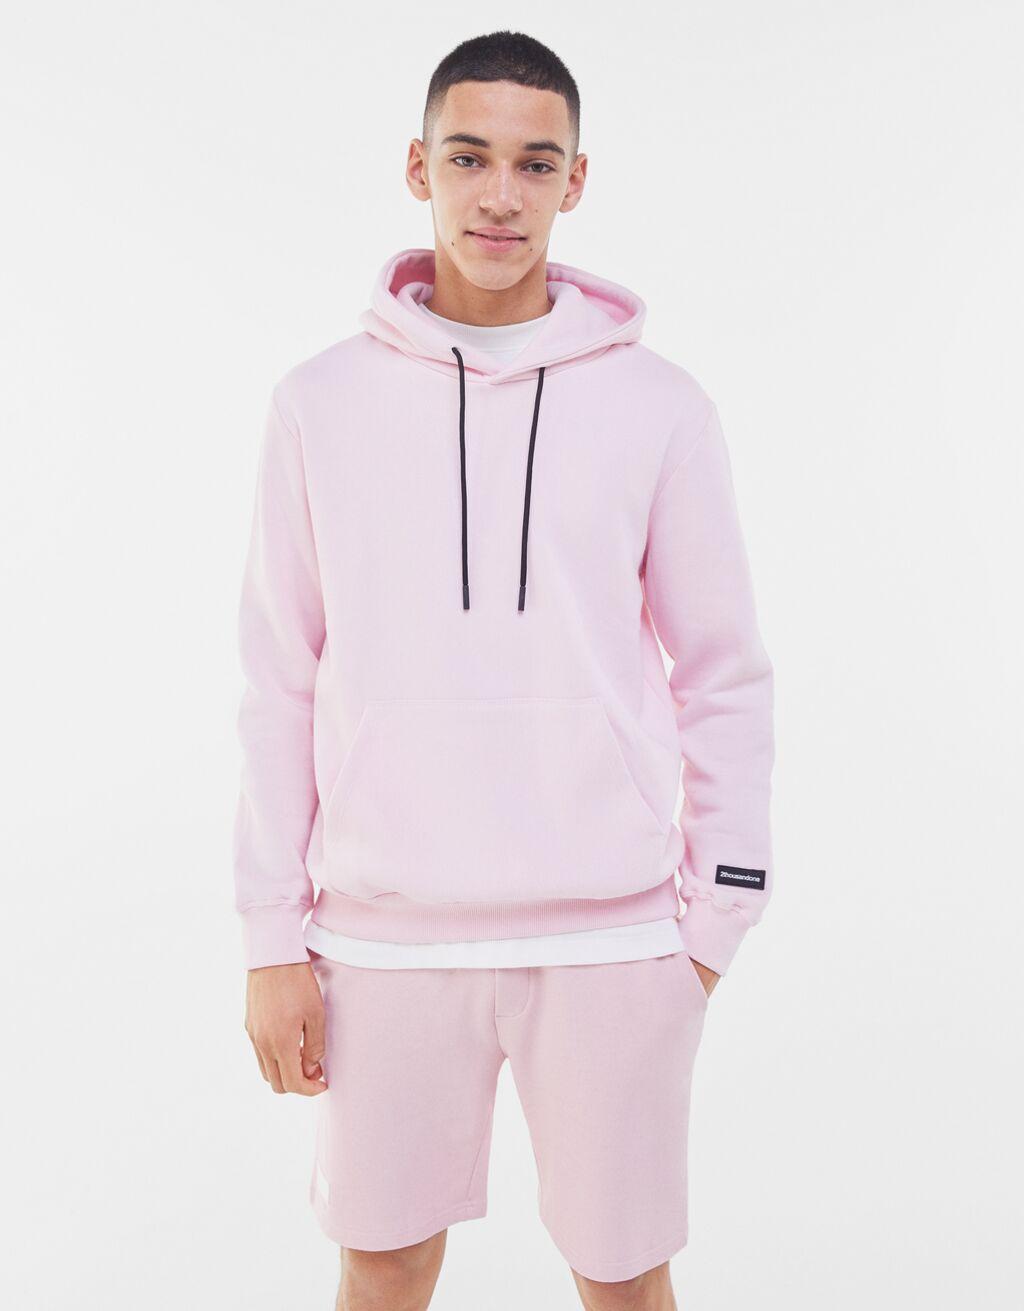 Sudadera con capucha en color rosa millenial